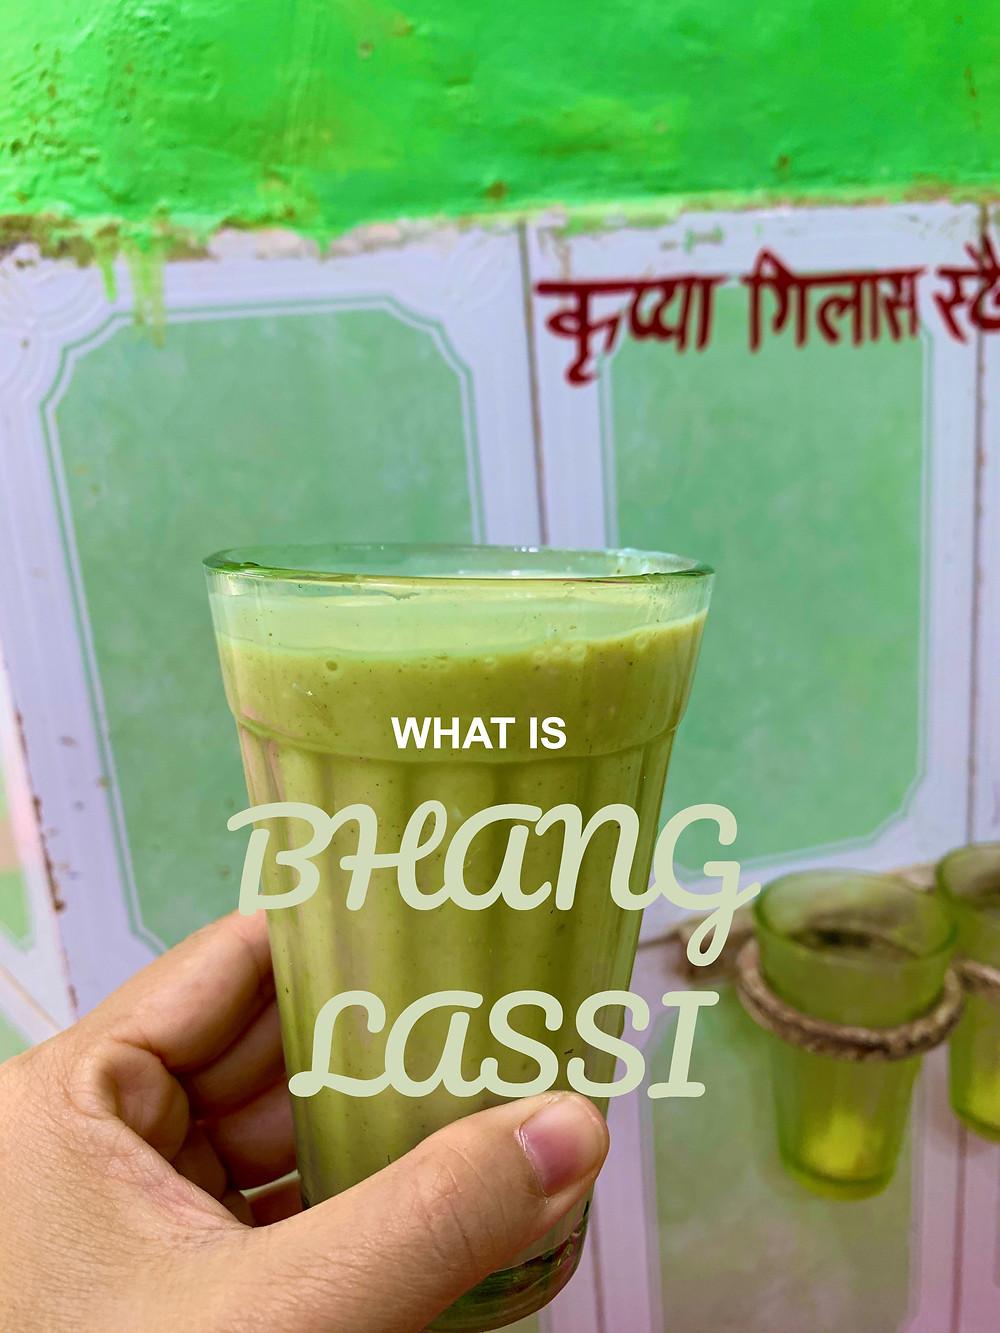 bhang lassi, ganja lassi, marijuana lassi, hash lassi